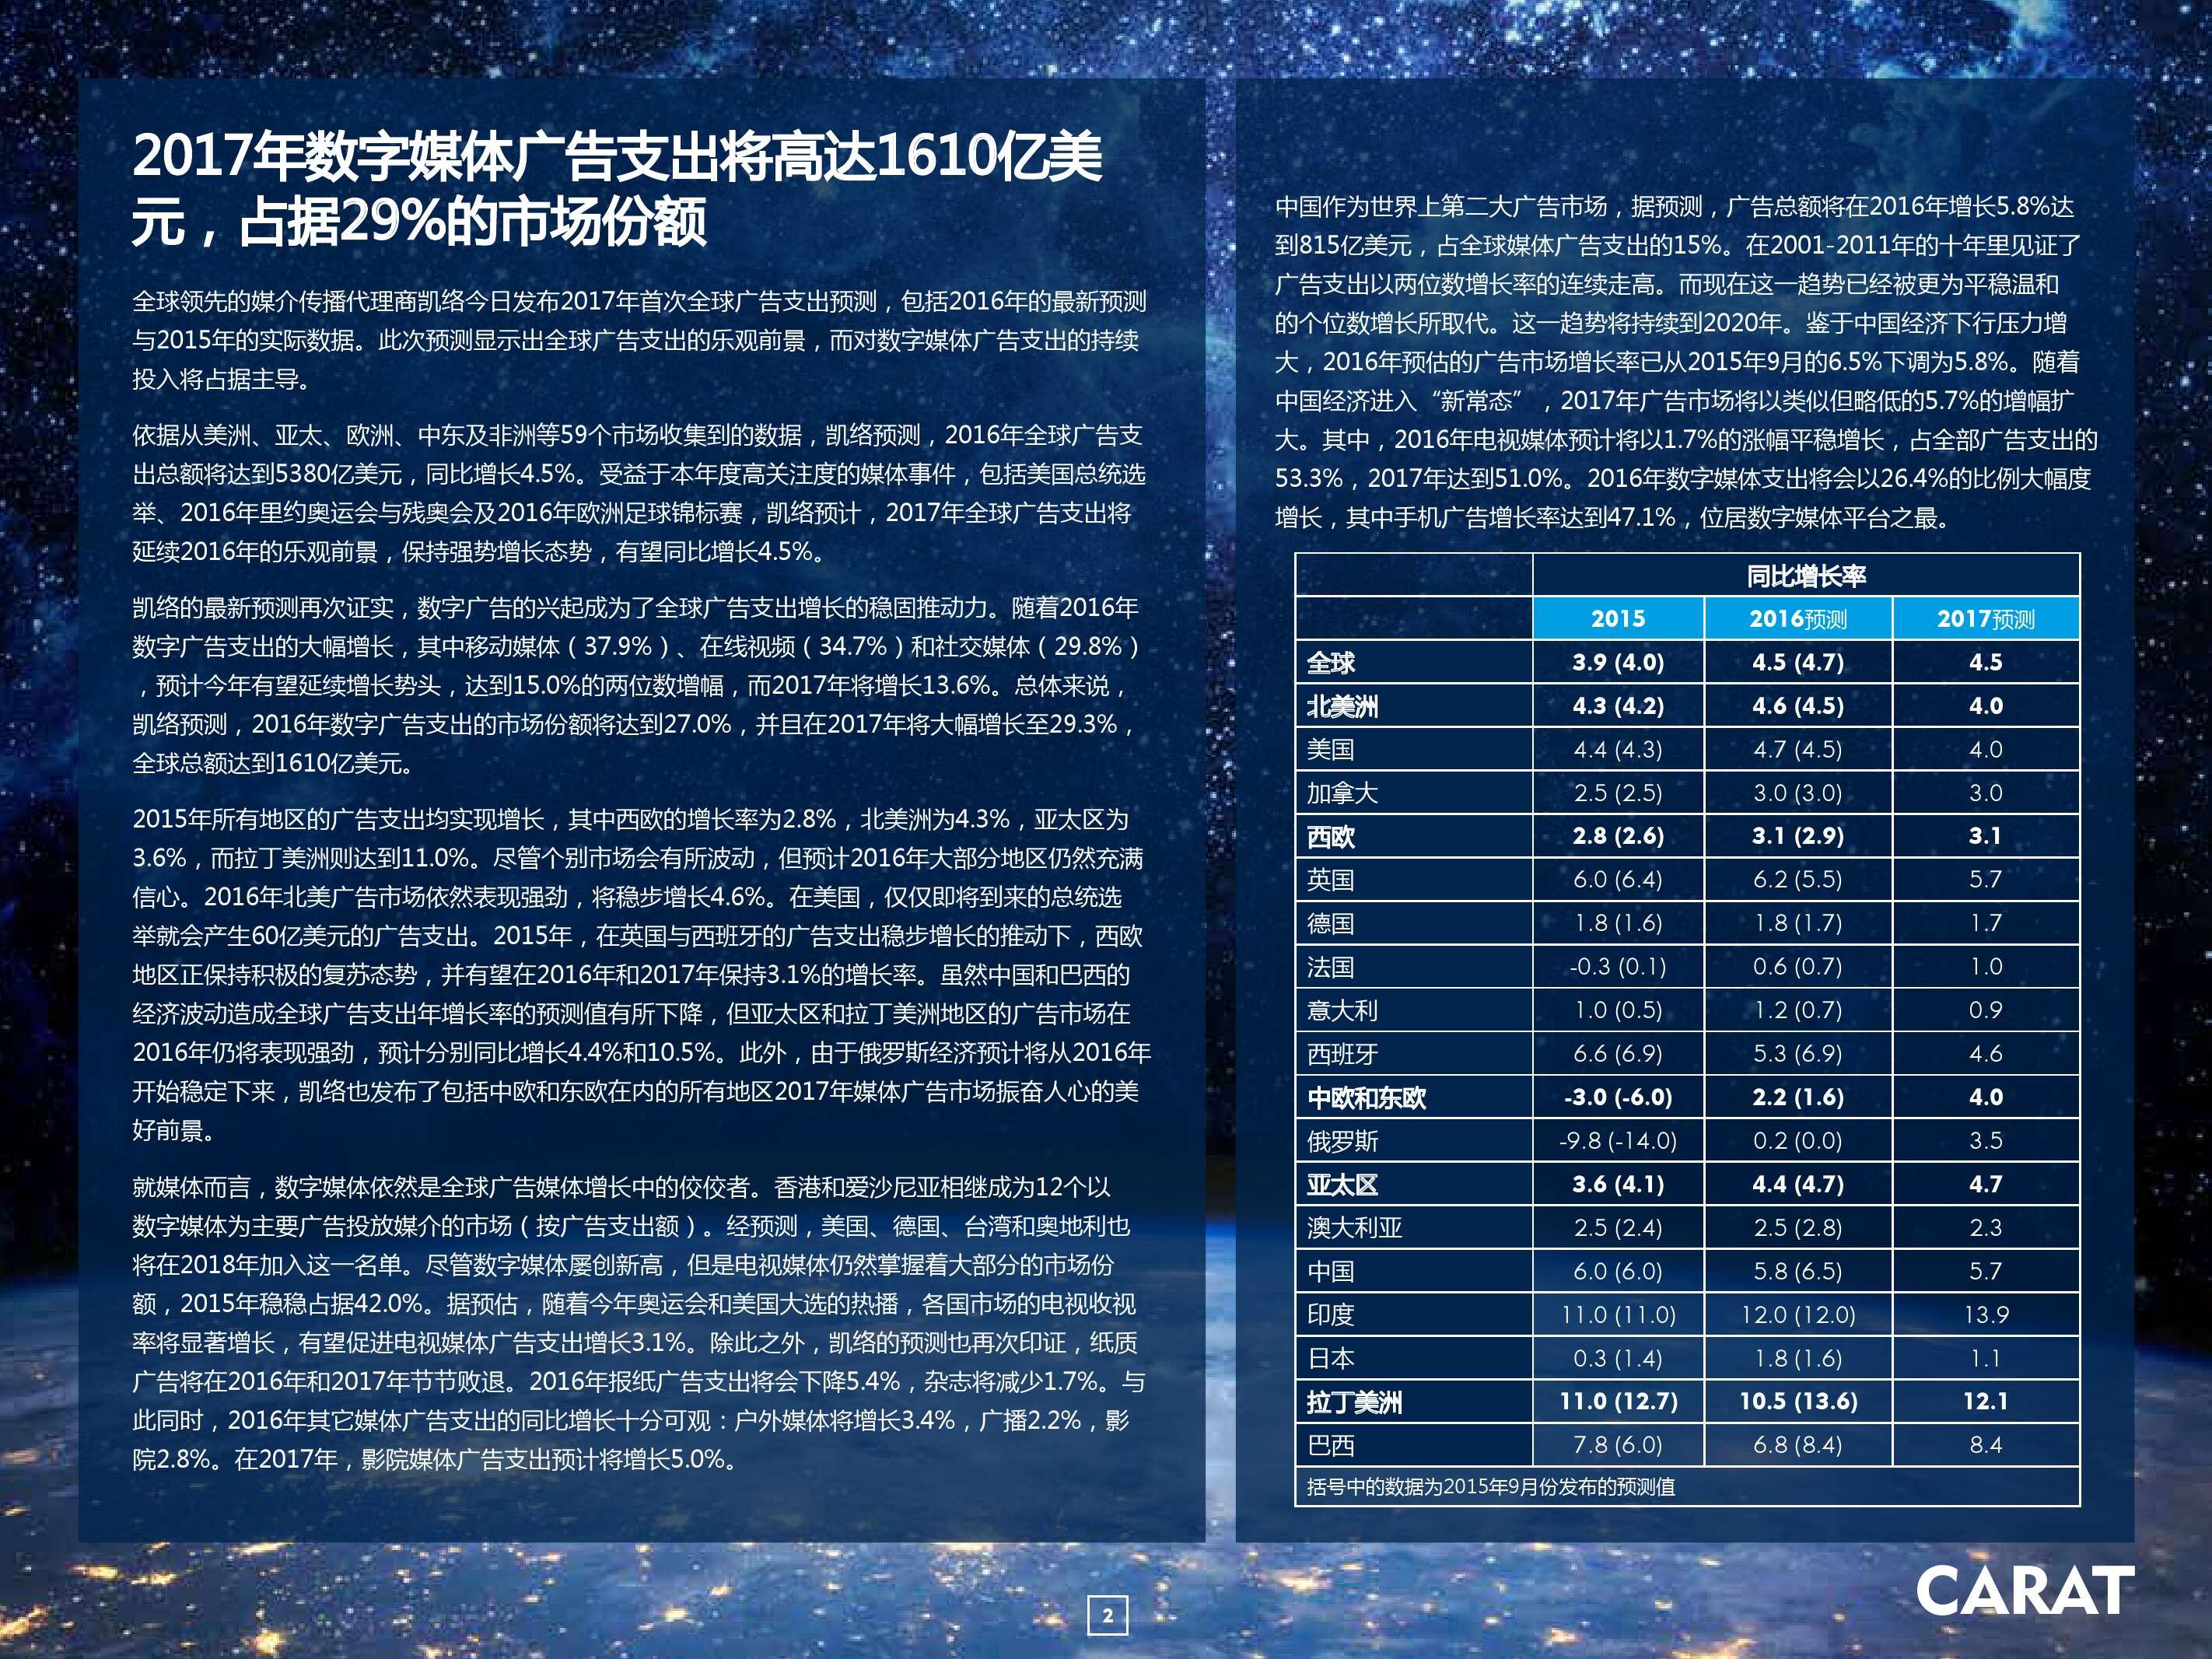 2016年全球数字广告支出预测_000002